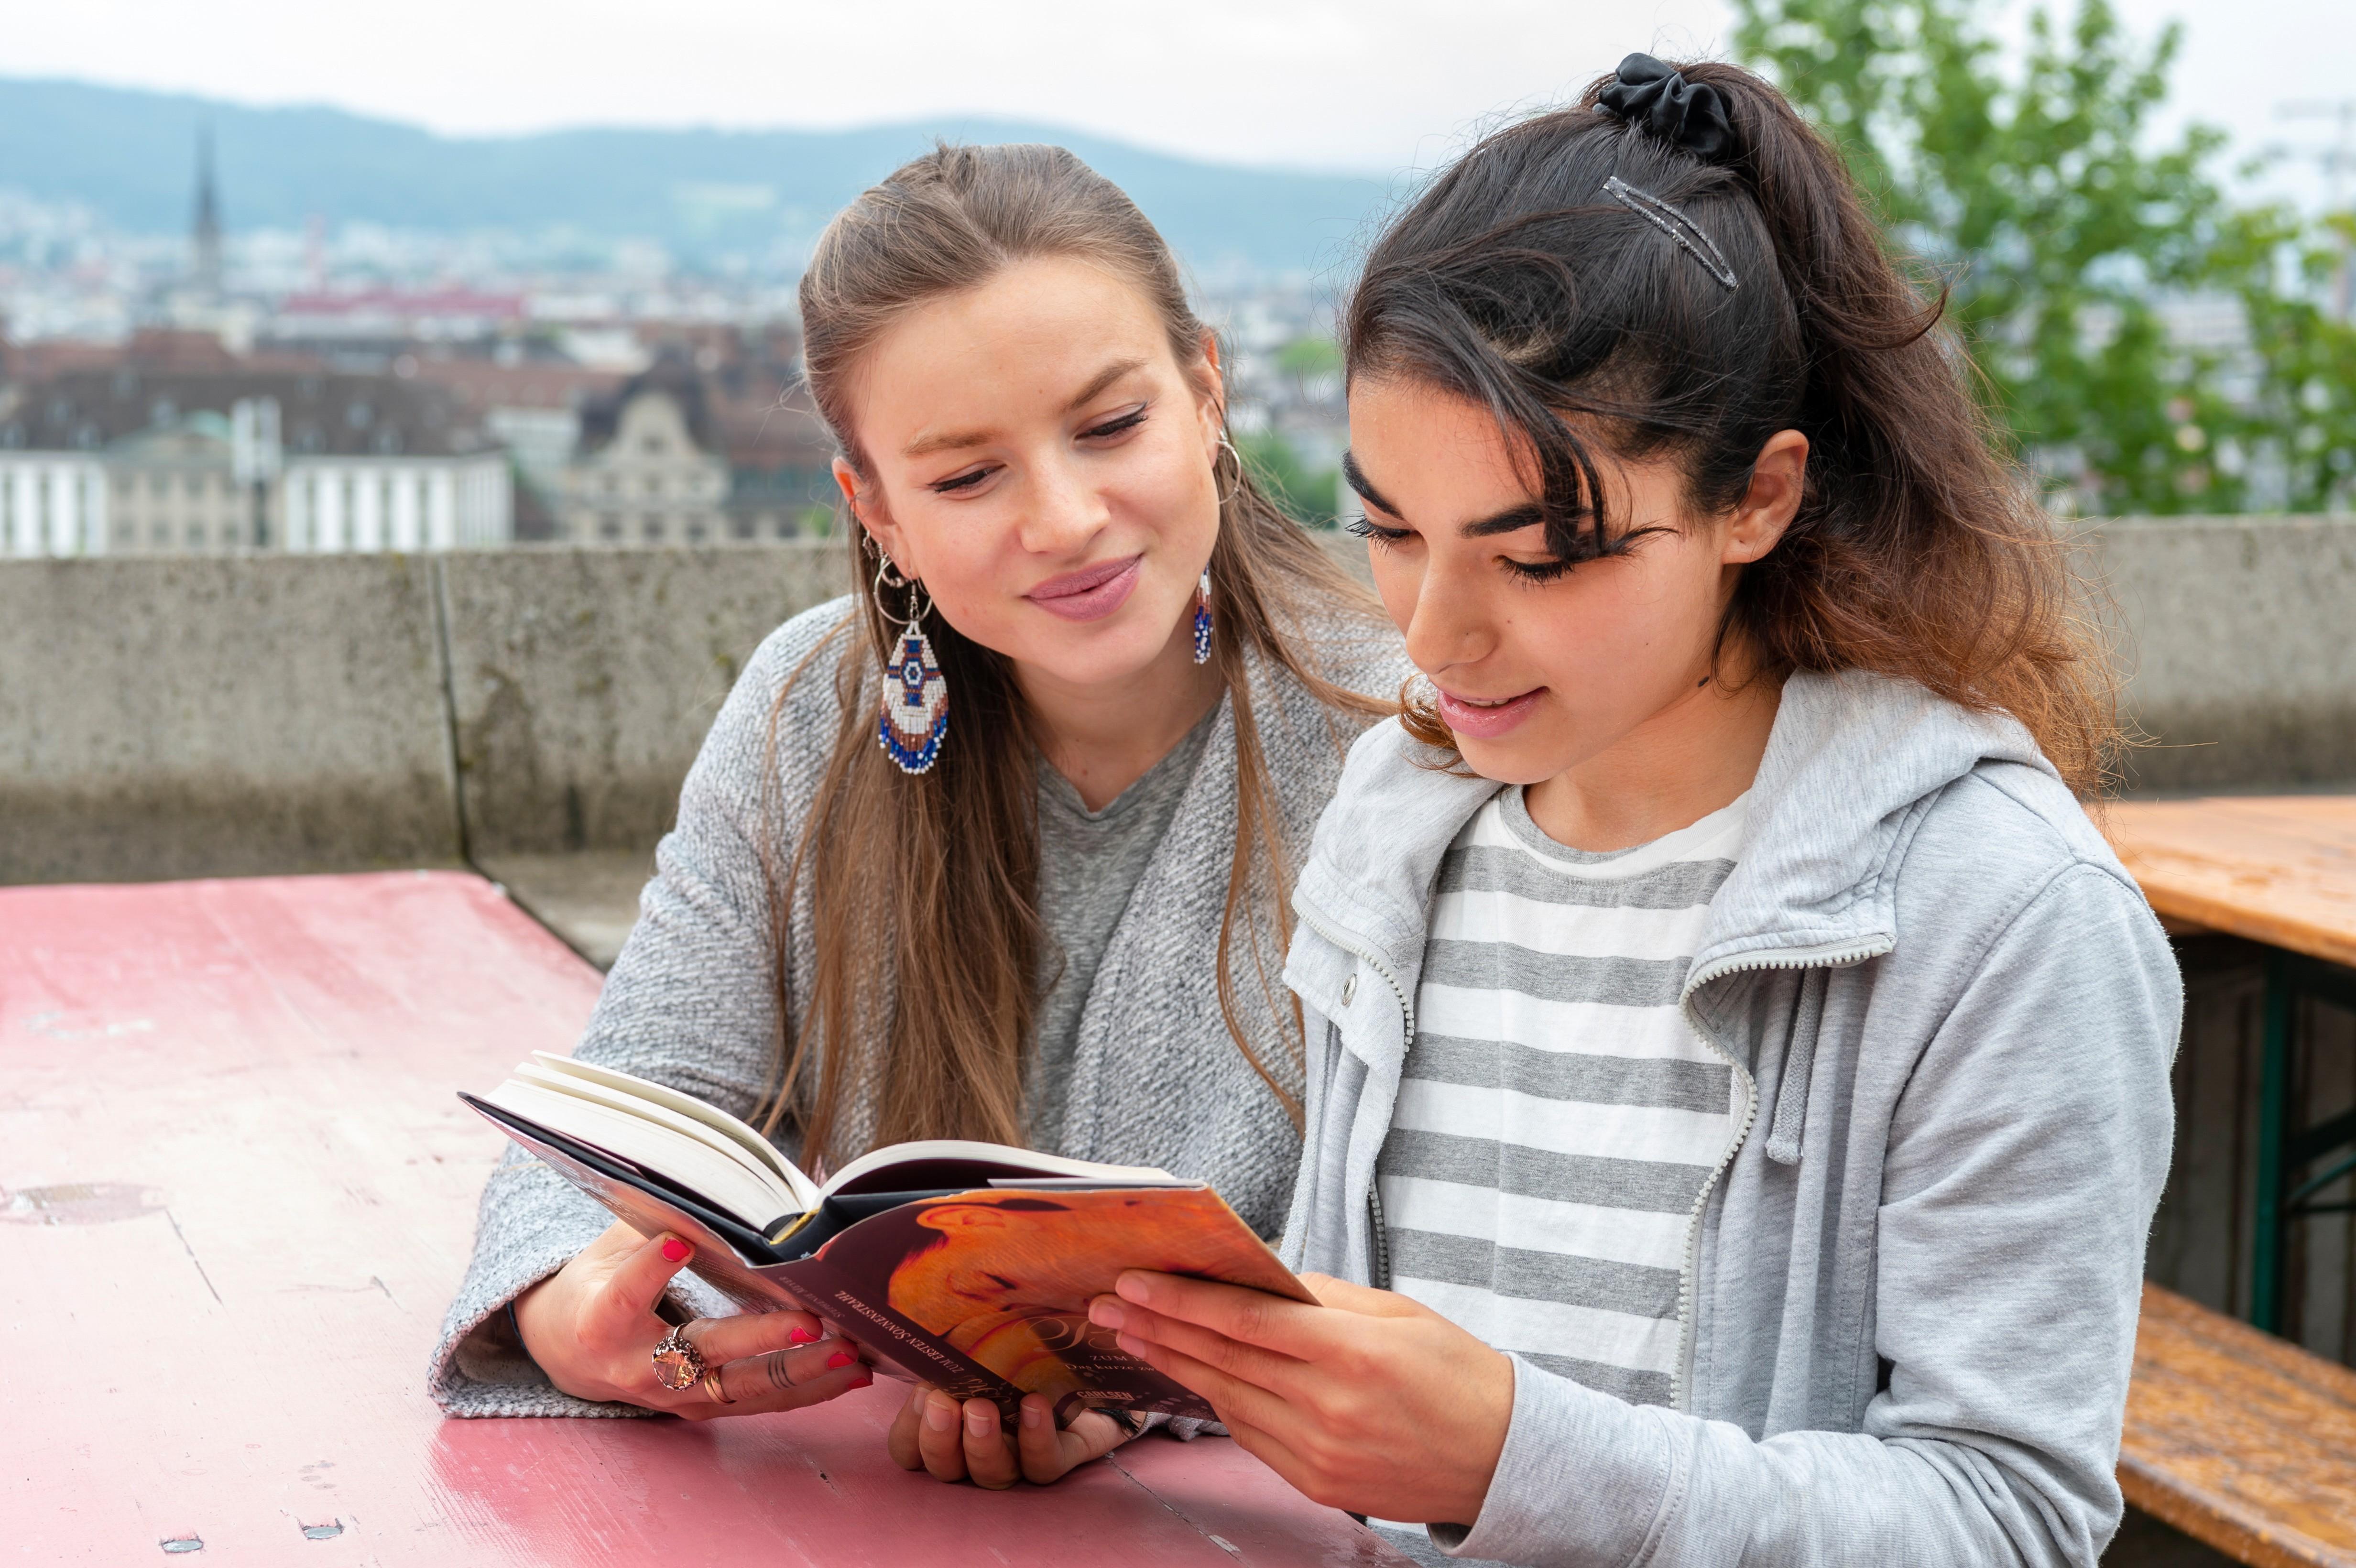 Zwei Mädchen lesen gemeinsam ein Buch